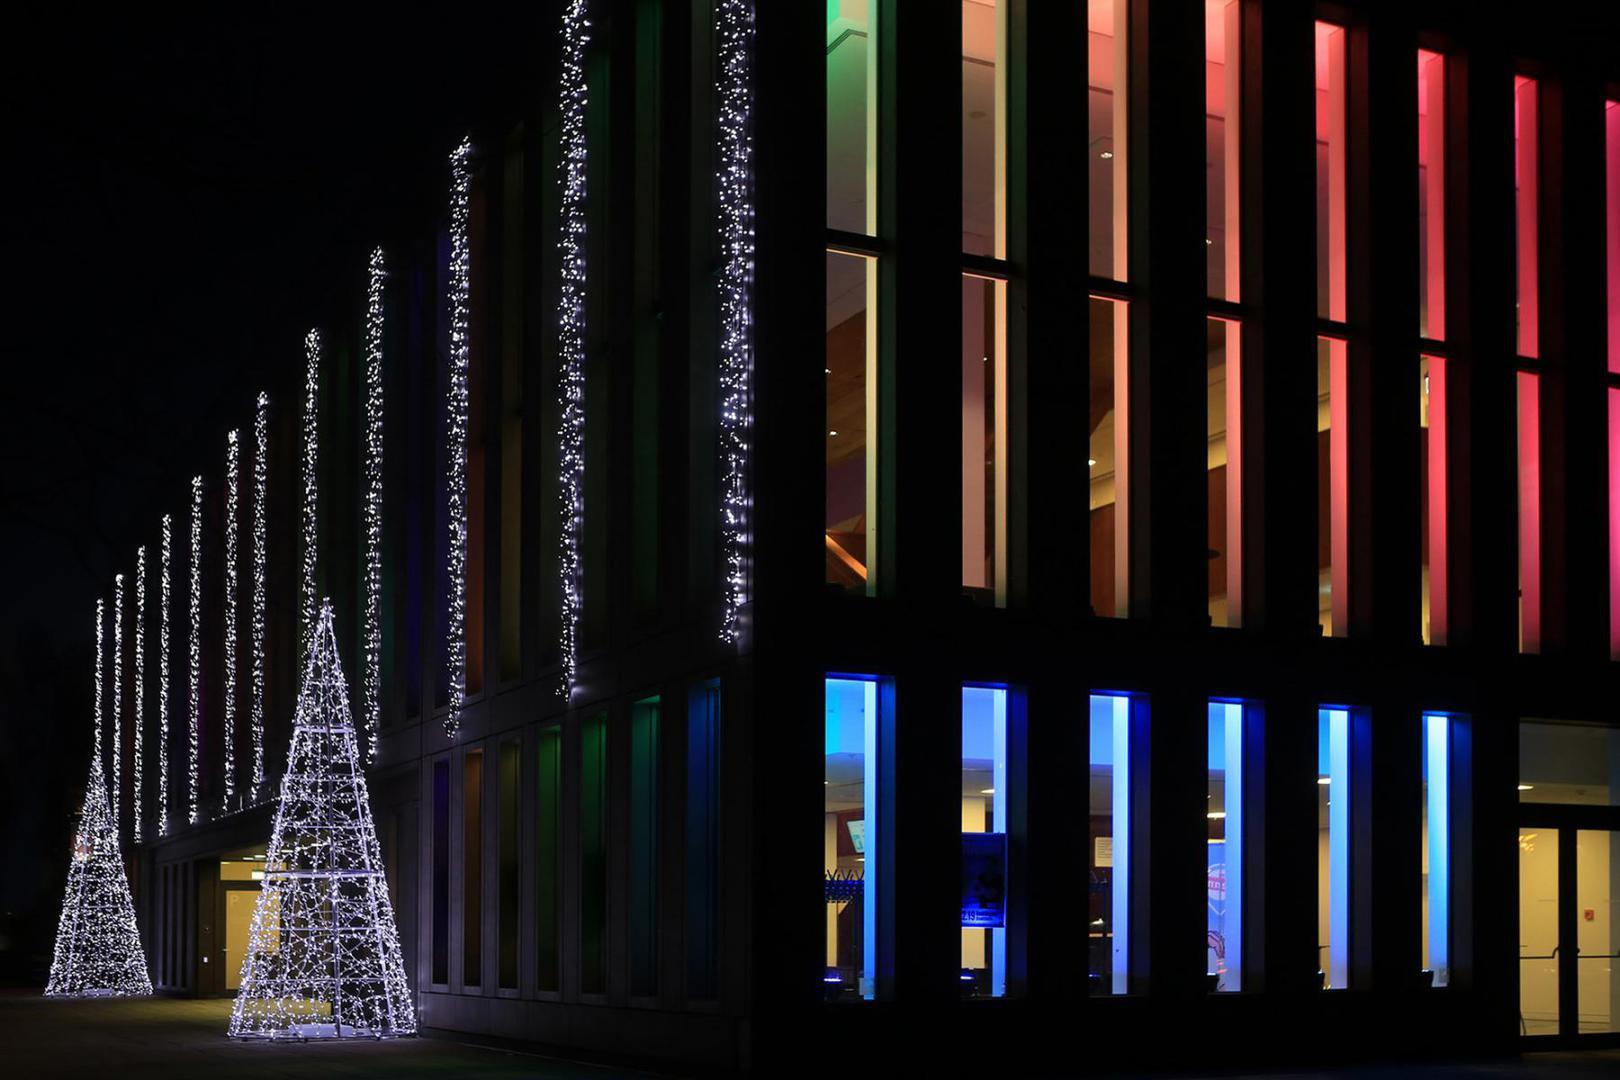 Reutlingen leuchtet und Weihnachten naht